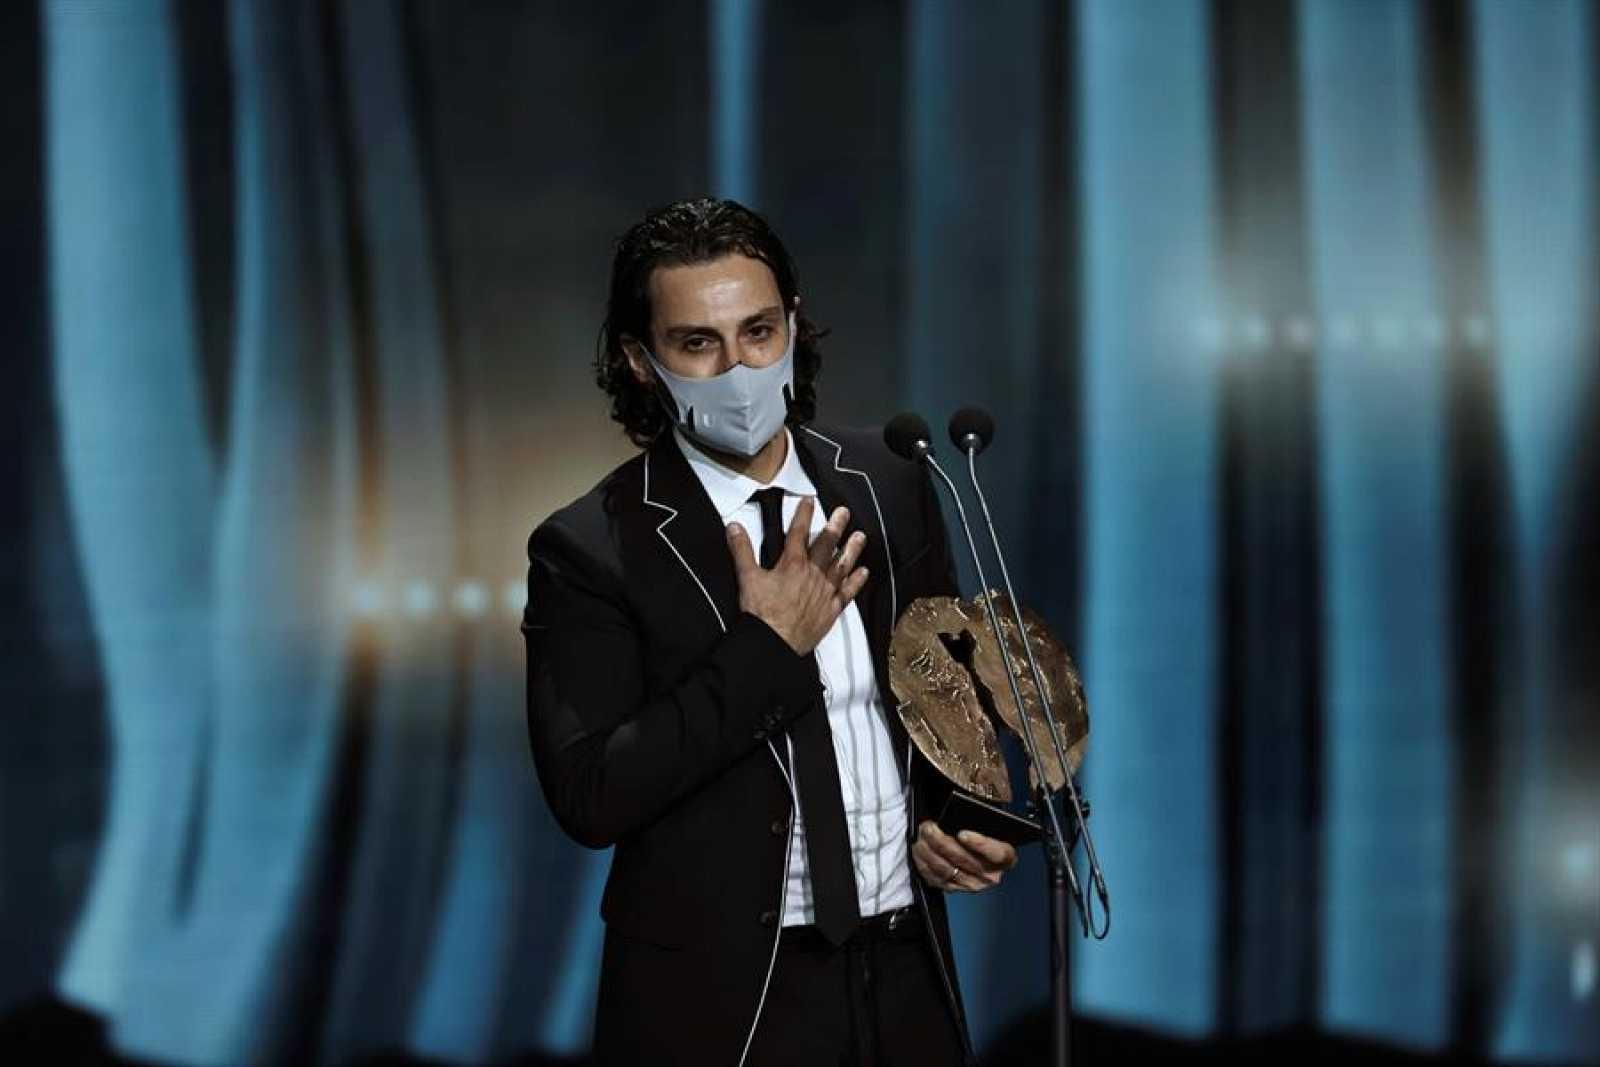 De cine - 'Yalla', Premio Forqué 2021 a Mejor Cortometraje - 24/02/21 - Escuchar ahora